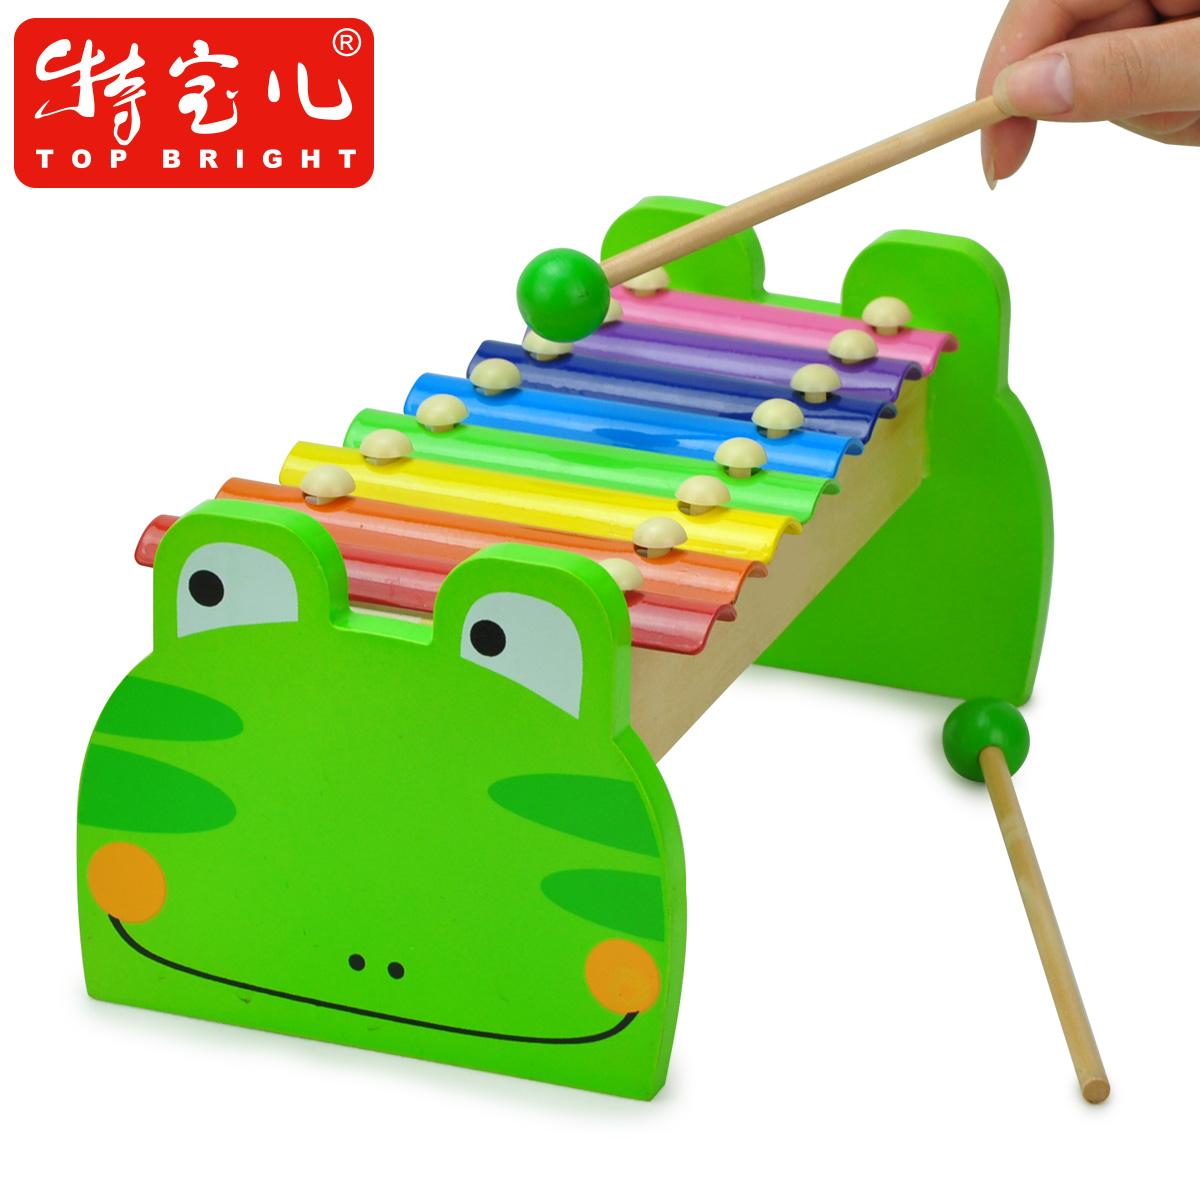 Боа восемь масштаба деревянных бить Детские игрушки стучать на фортепиано ноты детей стучать на фортепиано Музыкальные игрушки